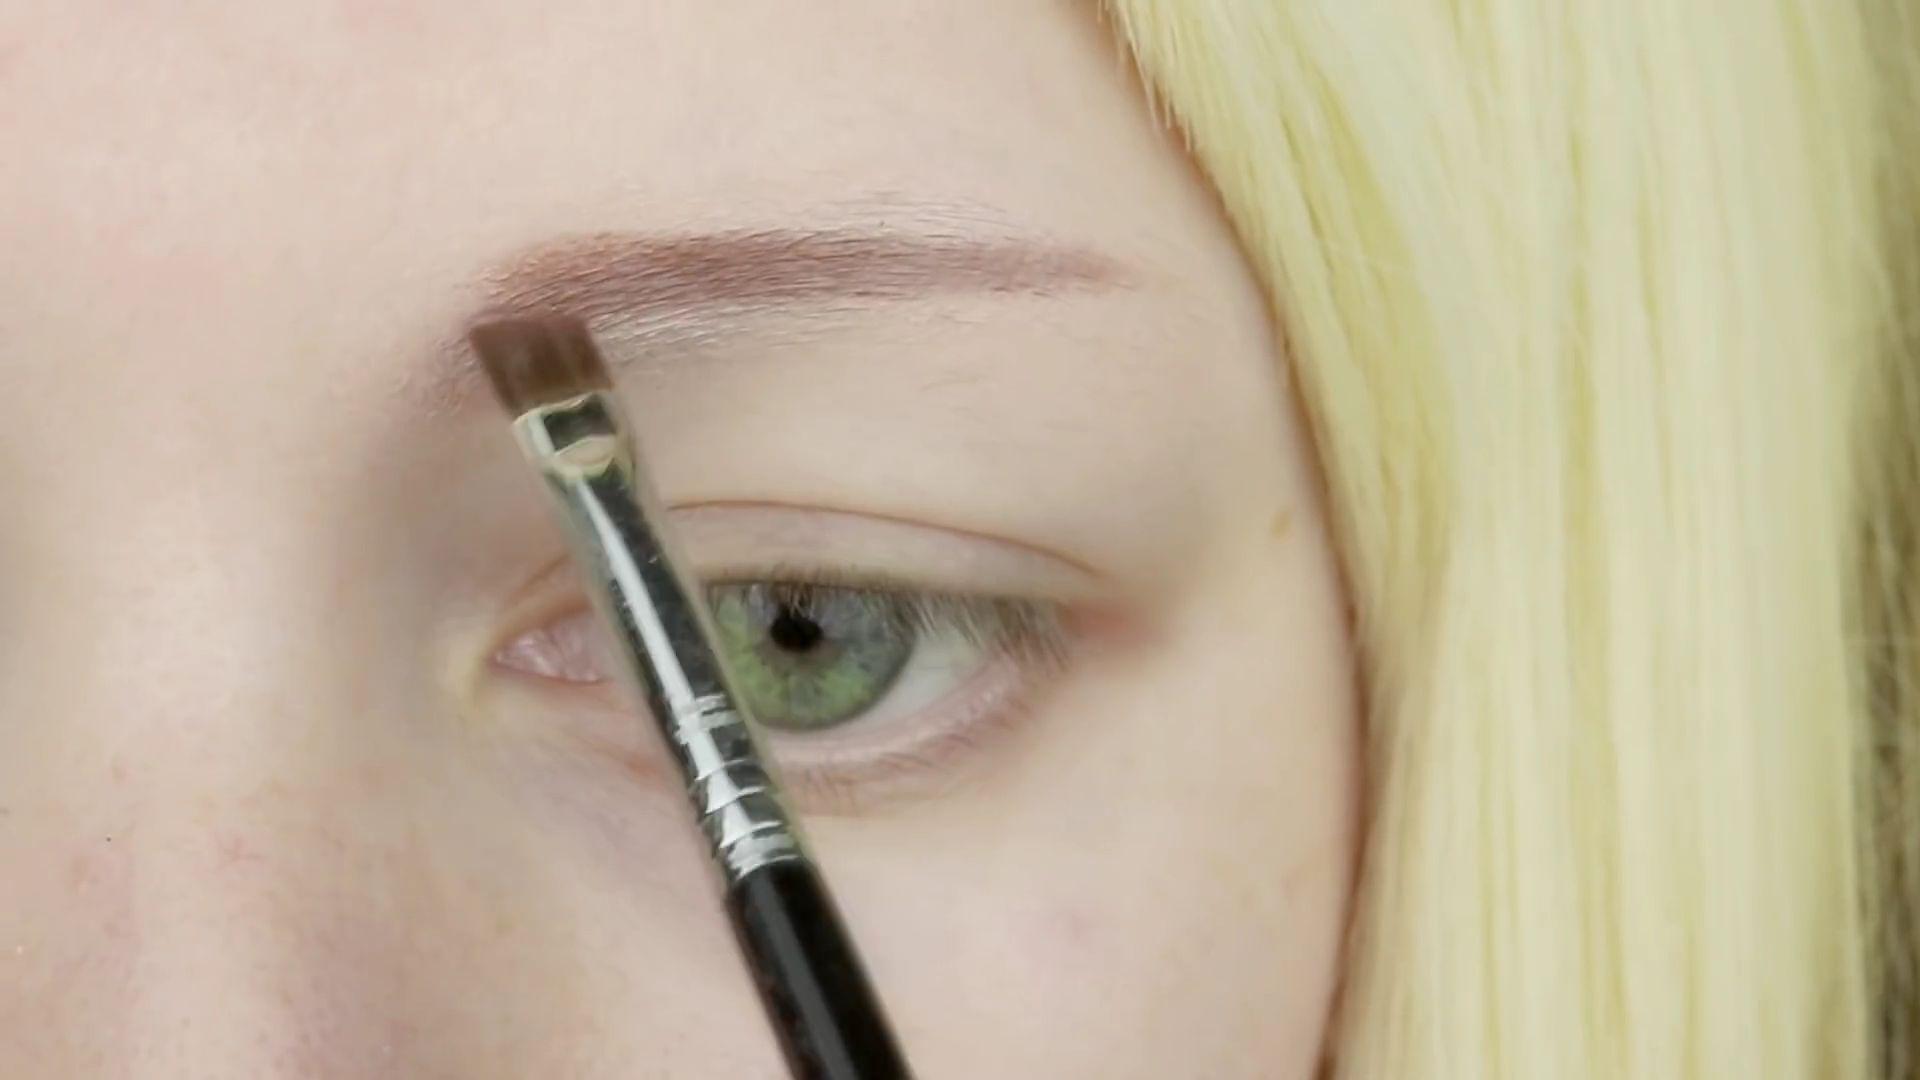 Misa Amane Cosplay DIY en 9 pasos: Dibujamos la línea superior e inferior de una ceja recta en marrón oscuro